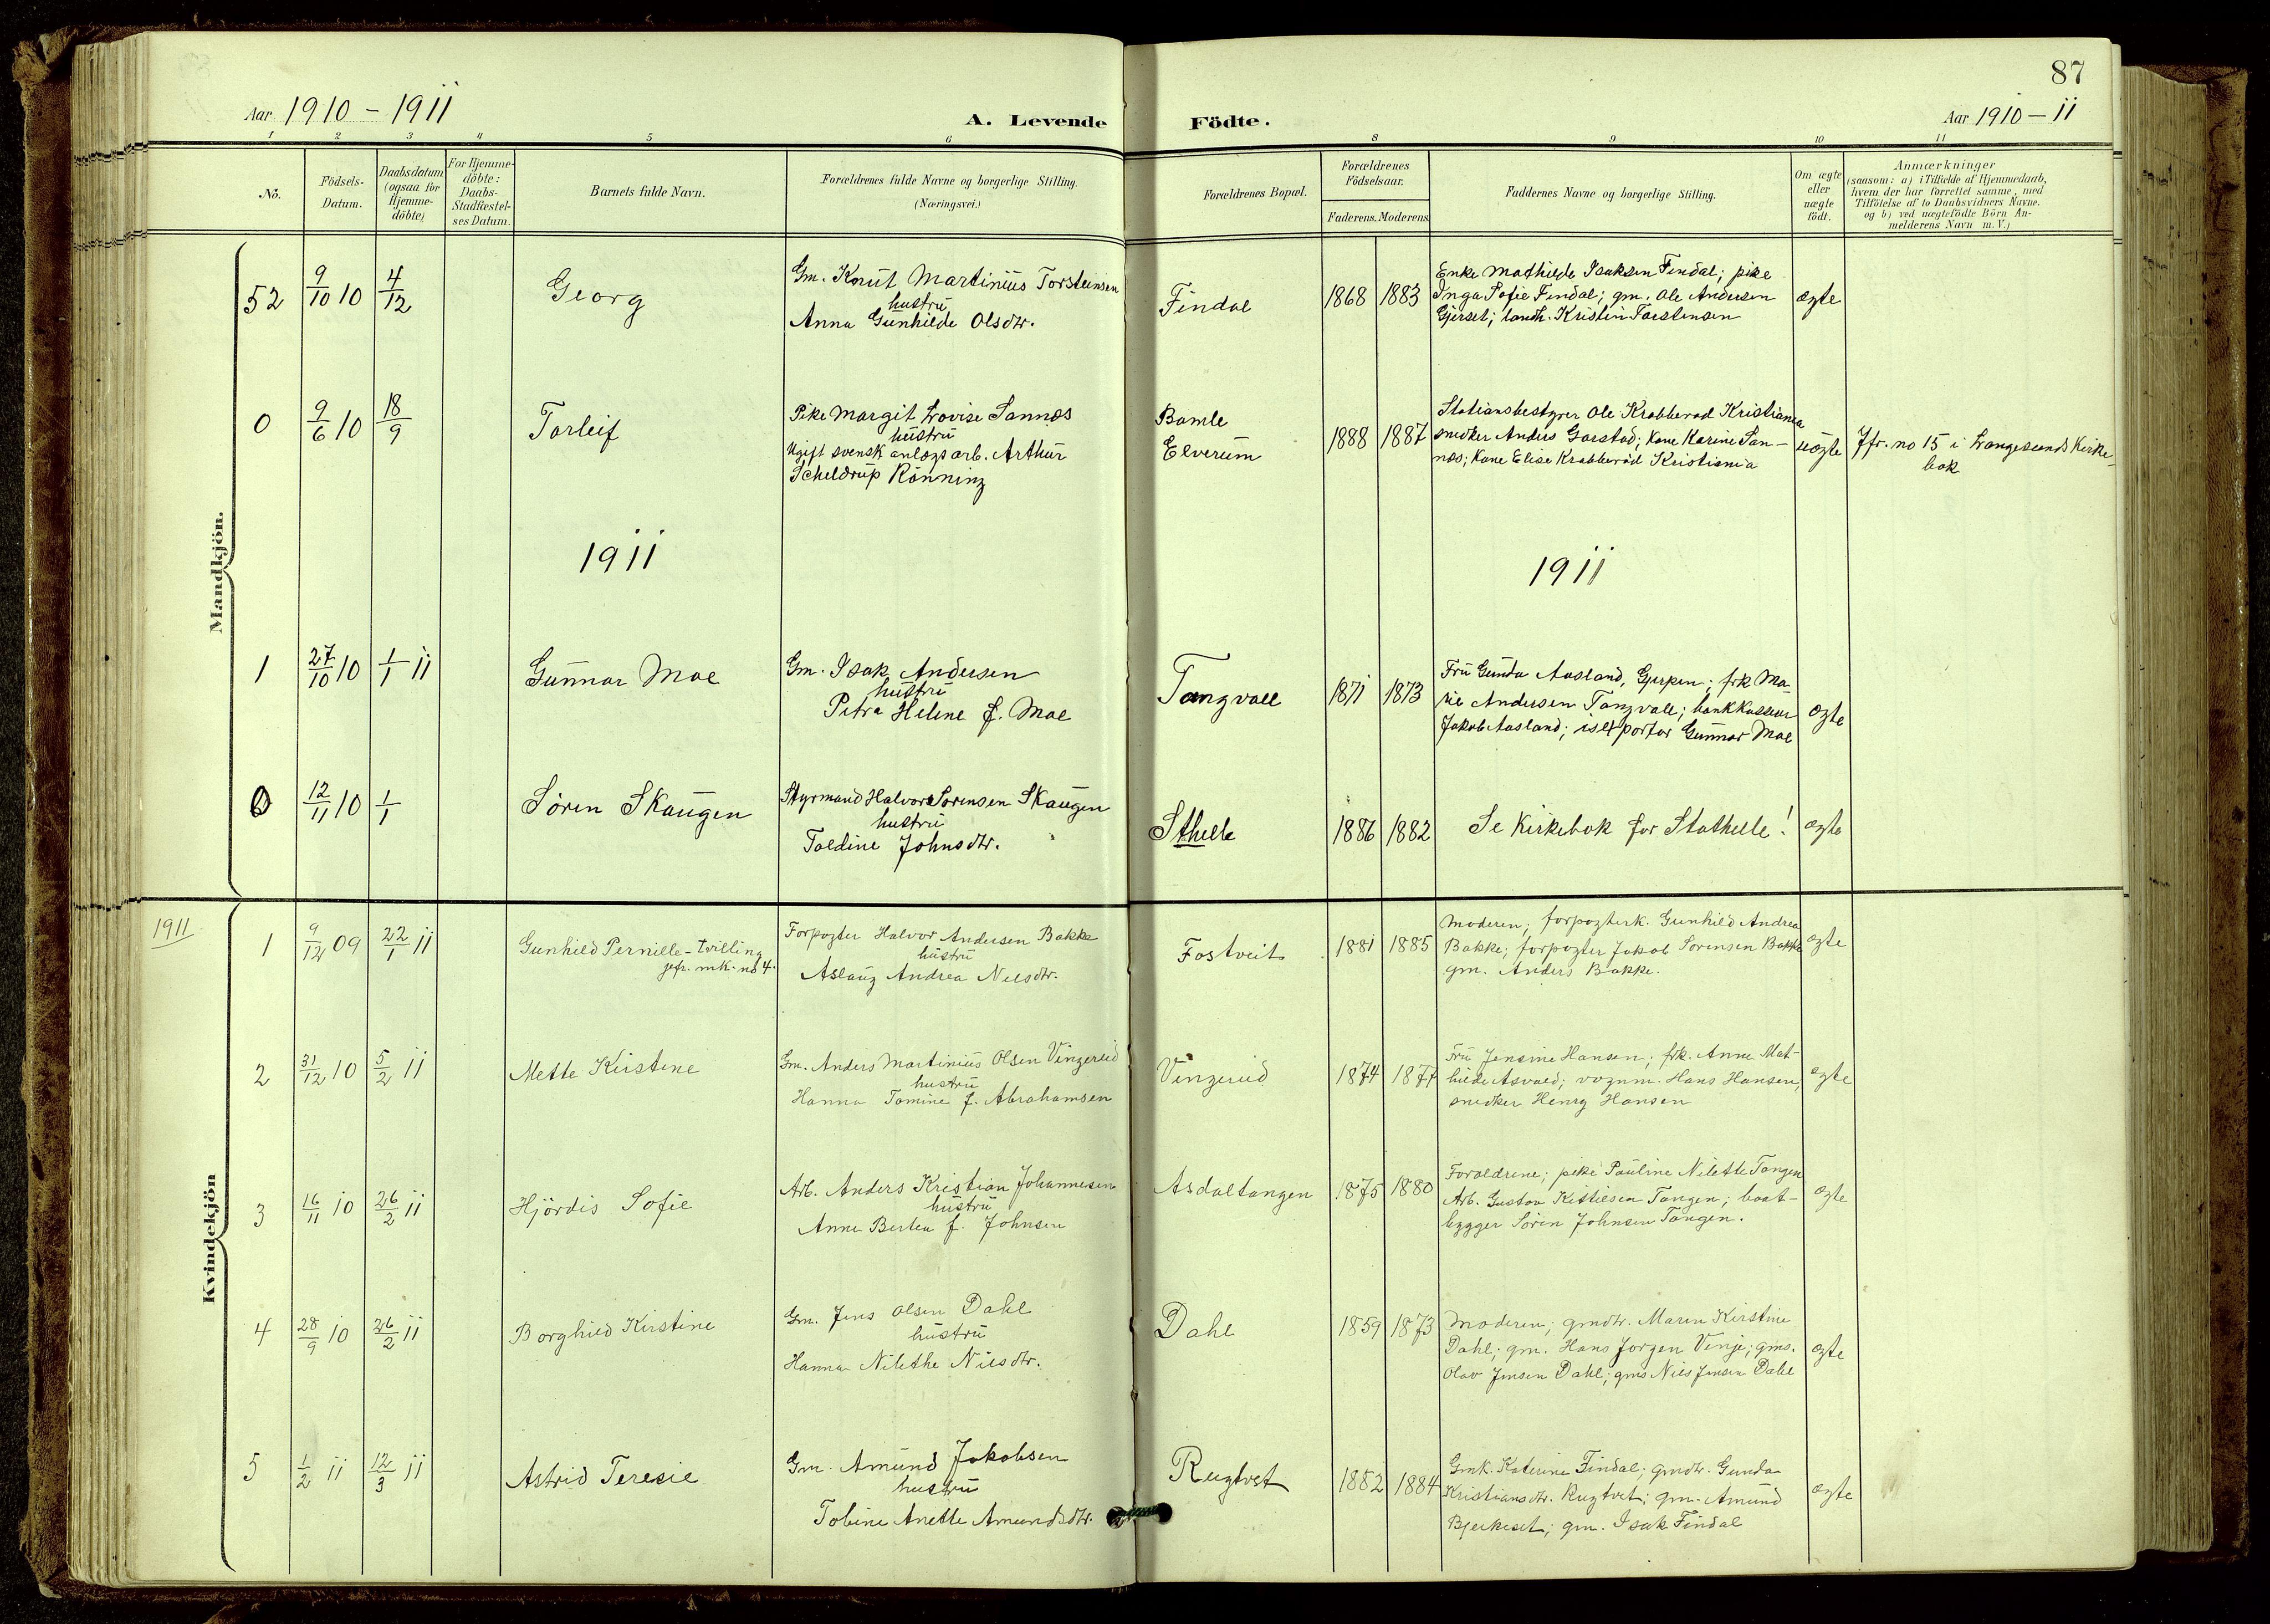 SAKO, Bamble kirkebøker, G/Ga/L0010: Klokkerbok nr. I 10, 1901-1919, s. 87